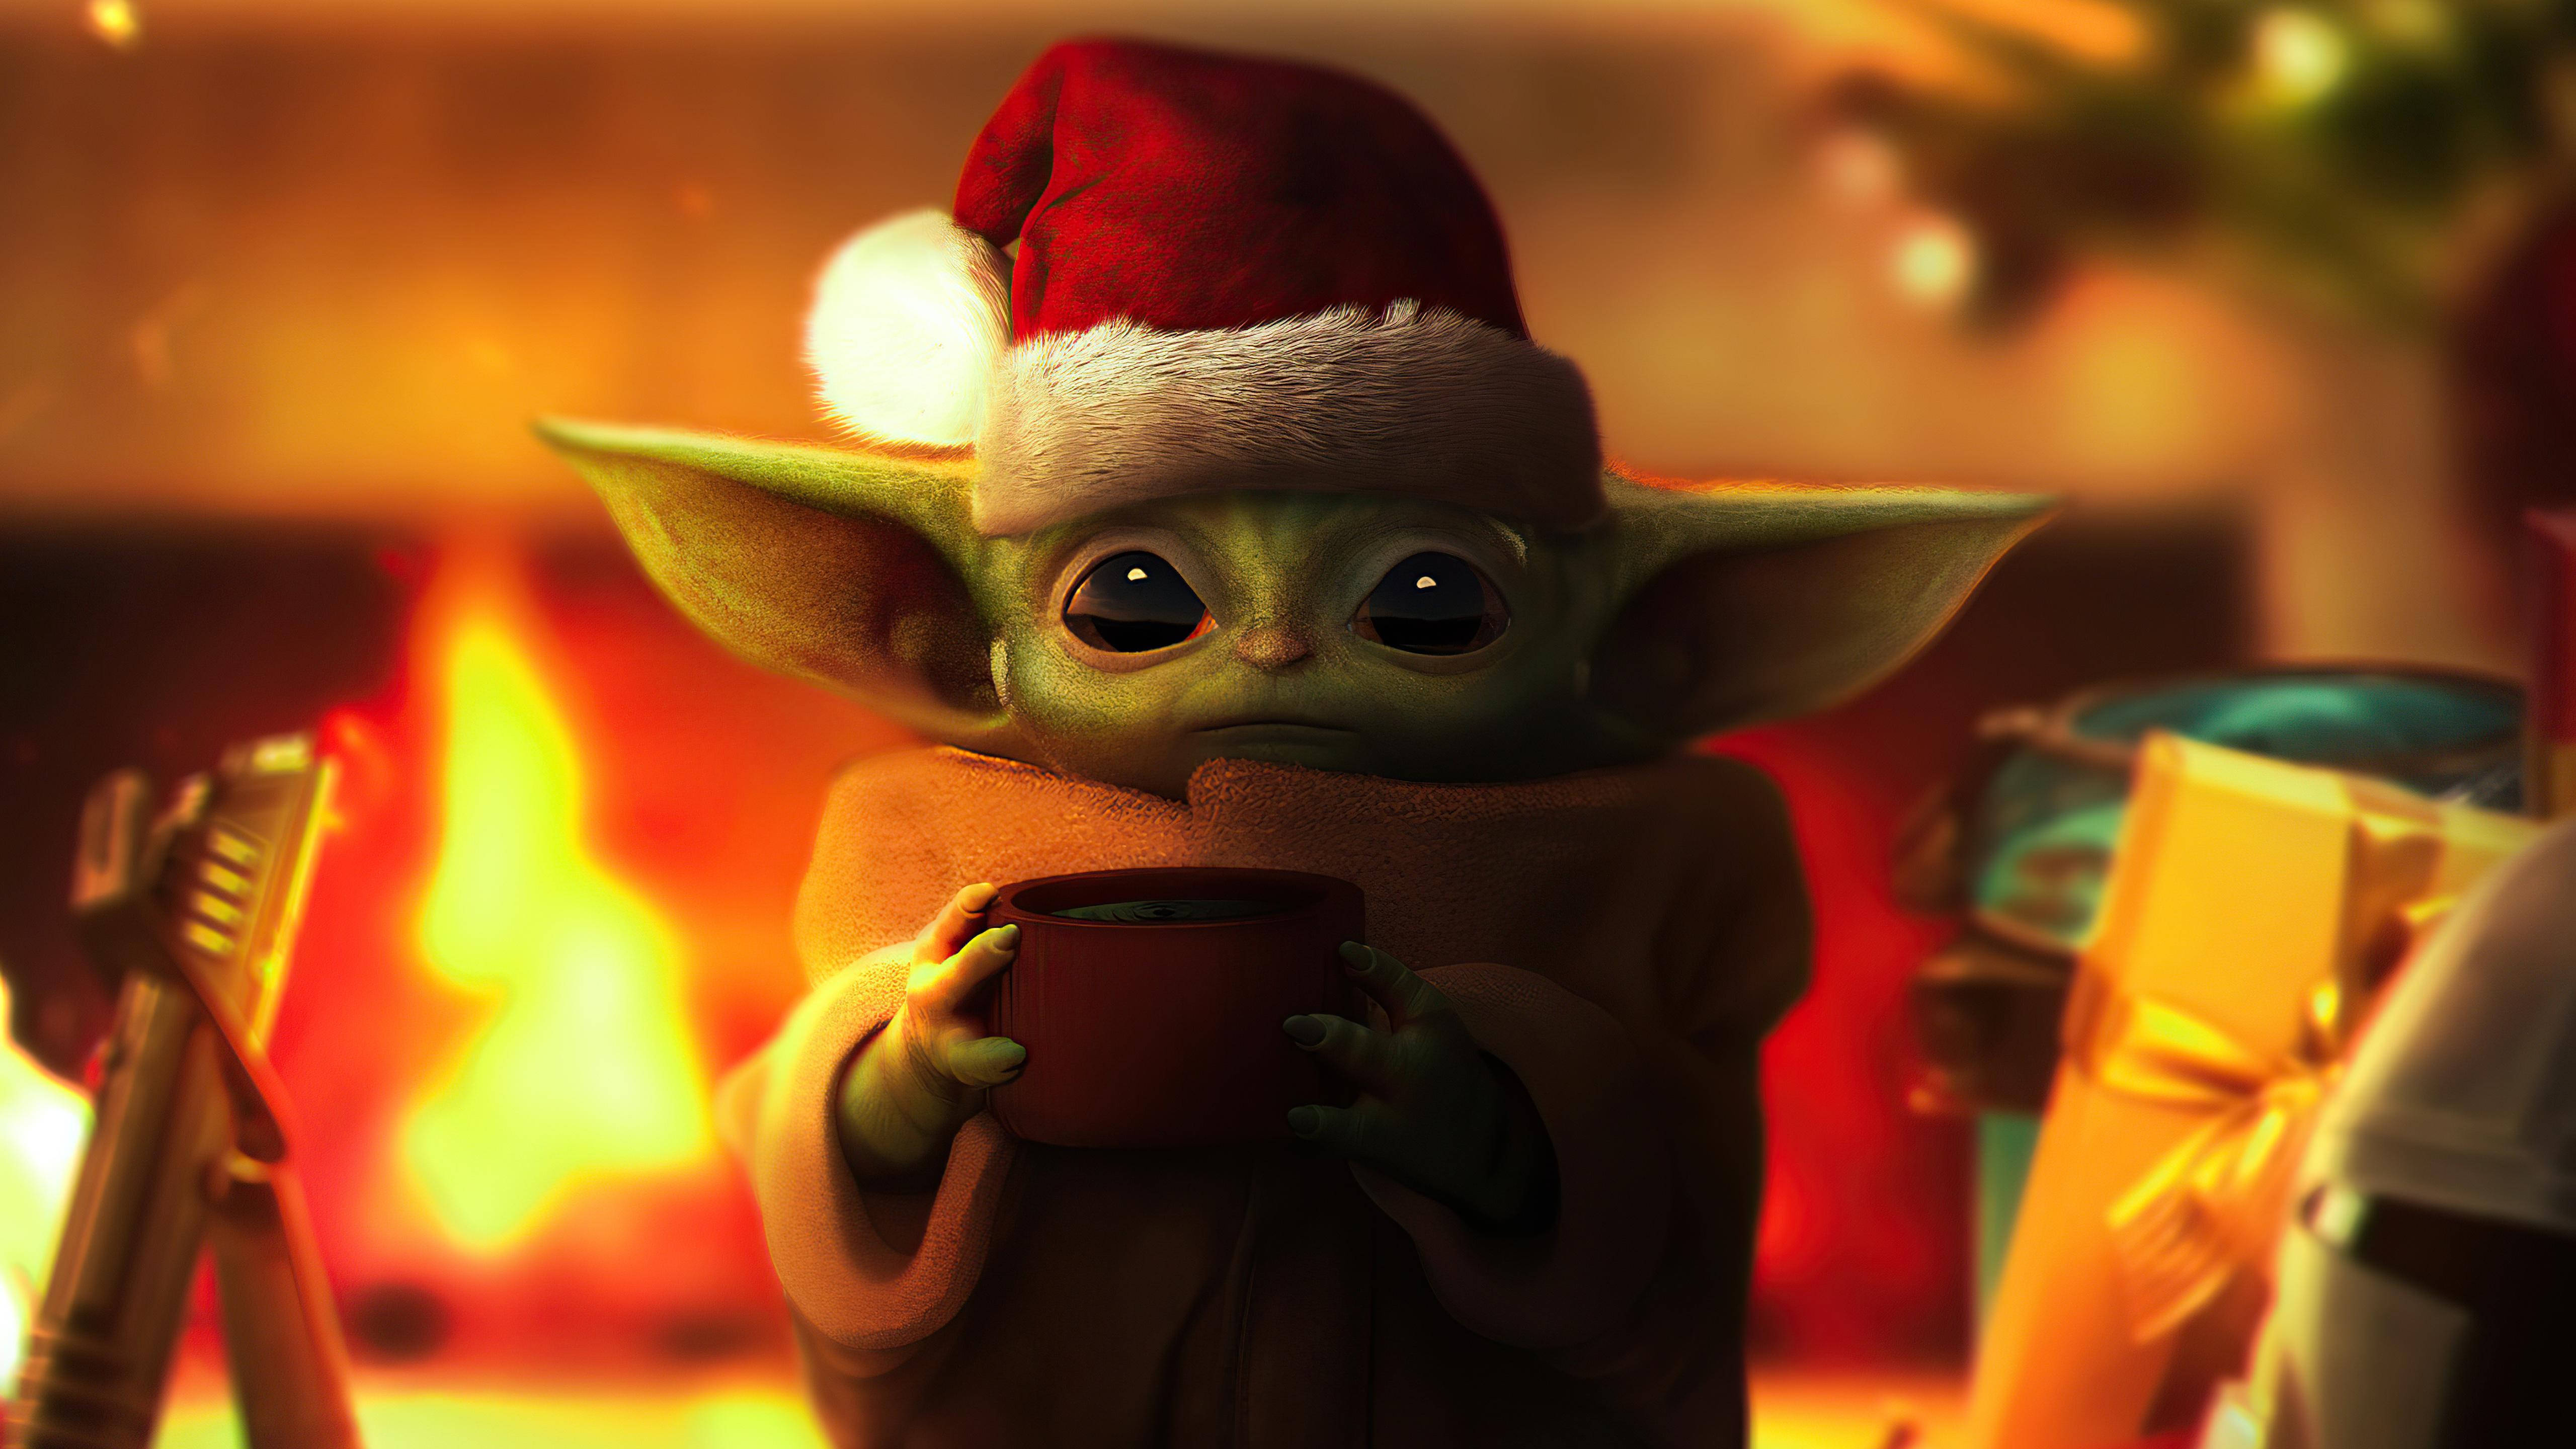 christmas grogu 4k 1615204822 - Christmas Grogu 4k - Christmas Grogu 4k wallpapers